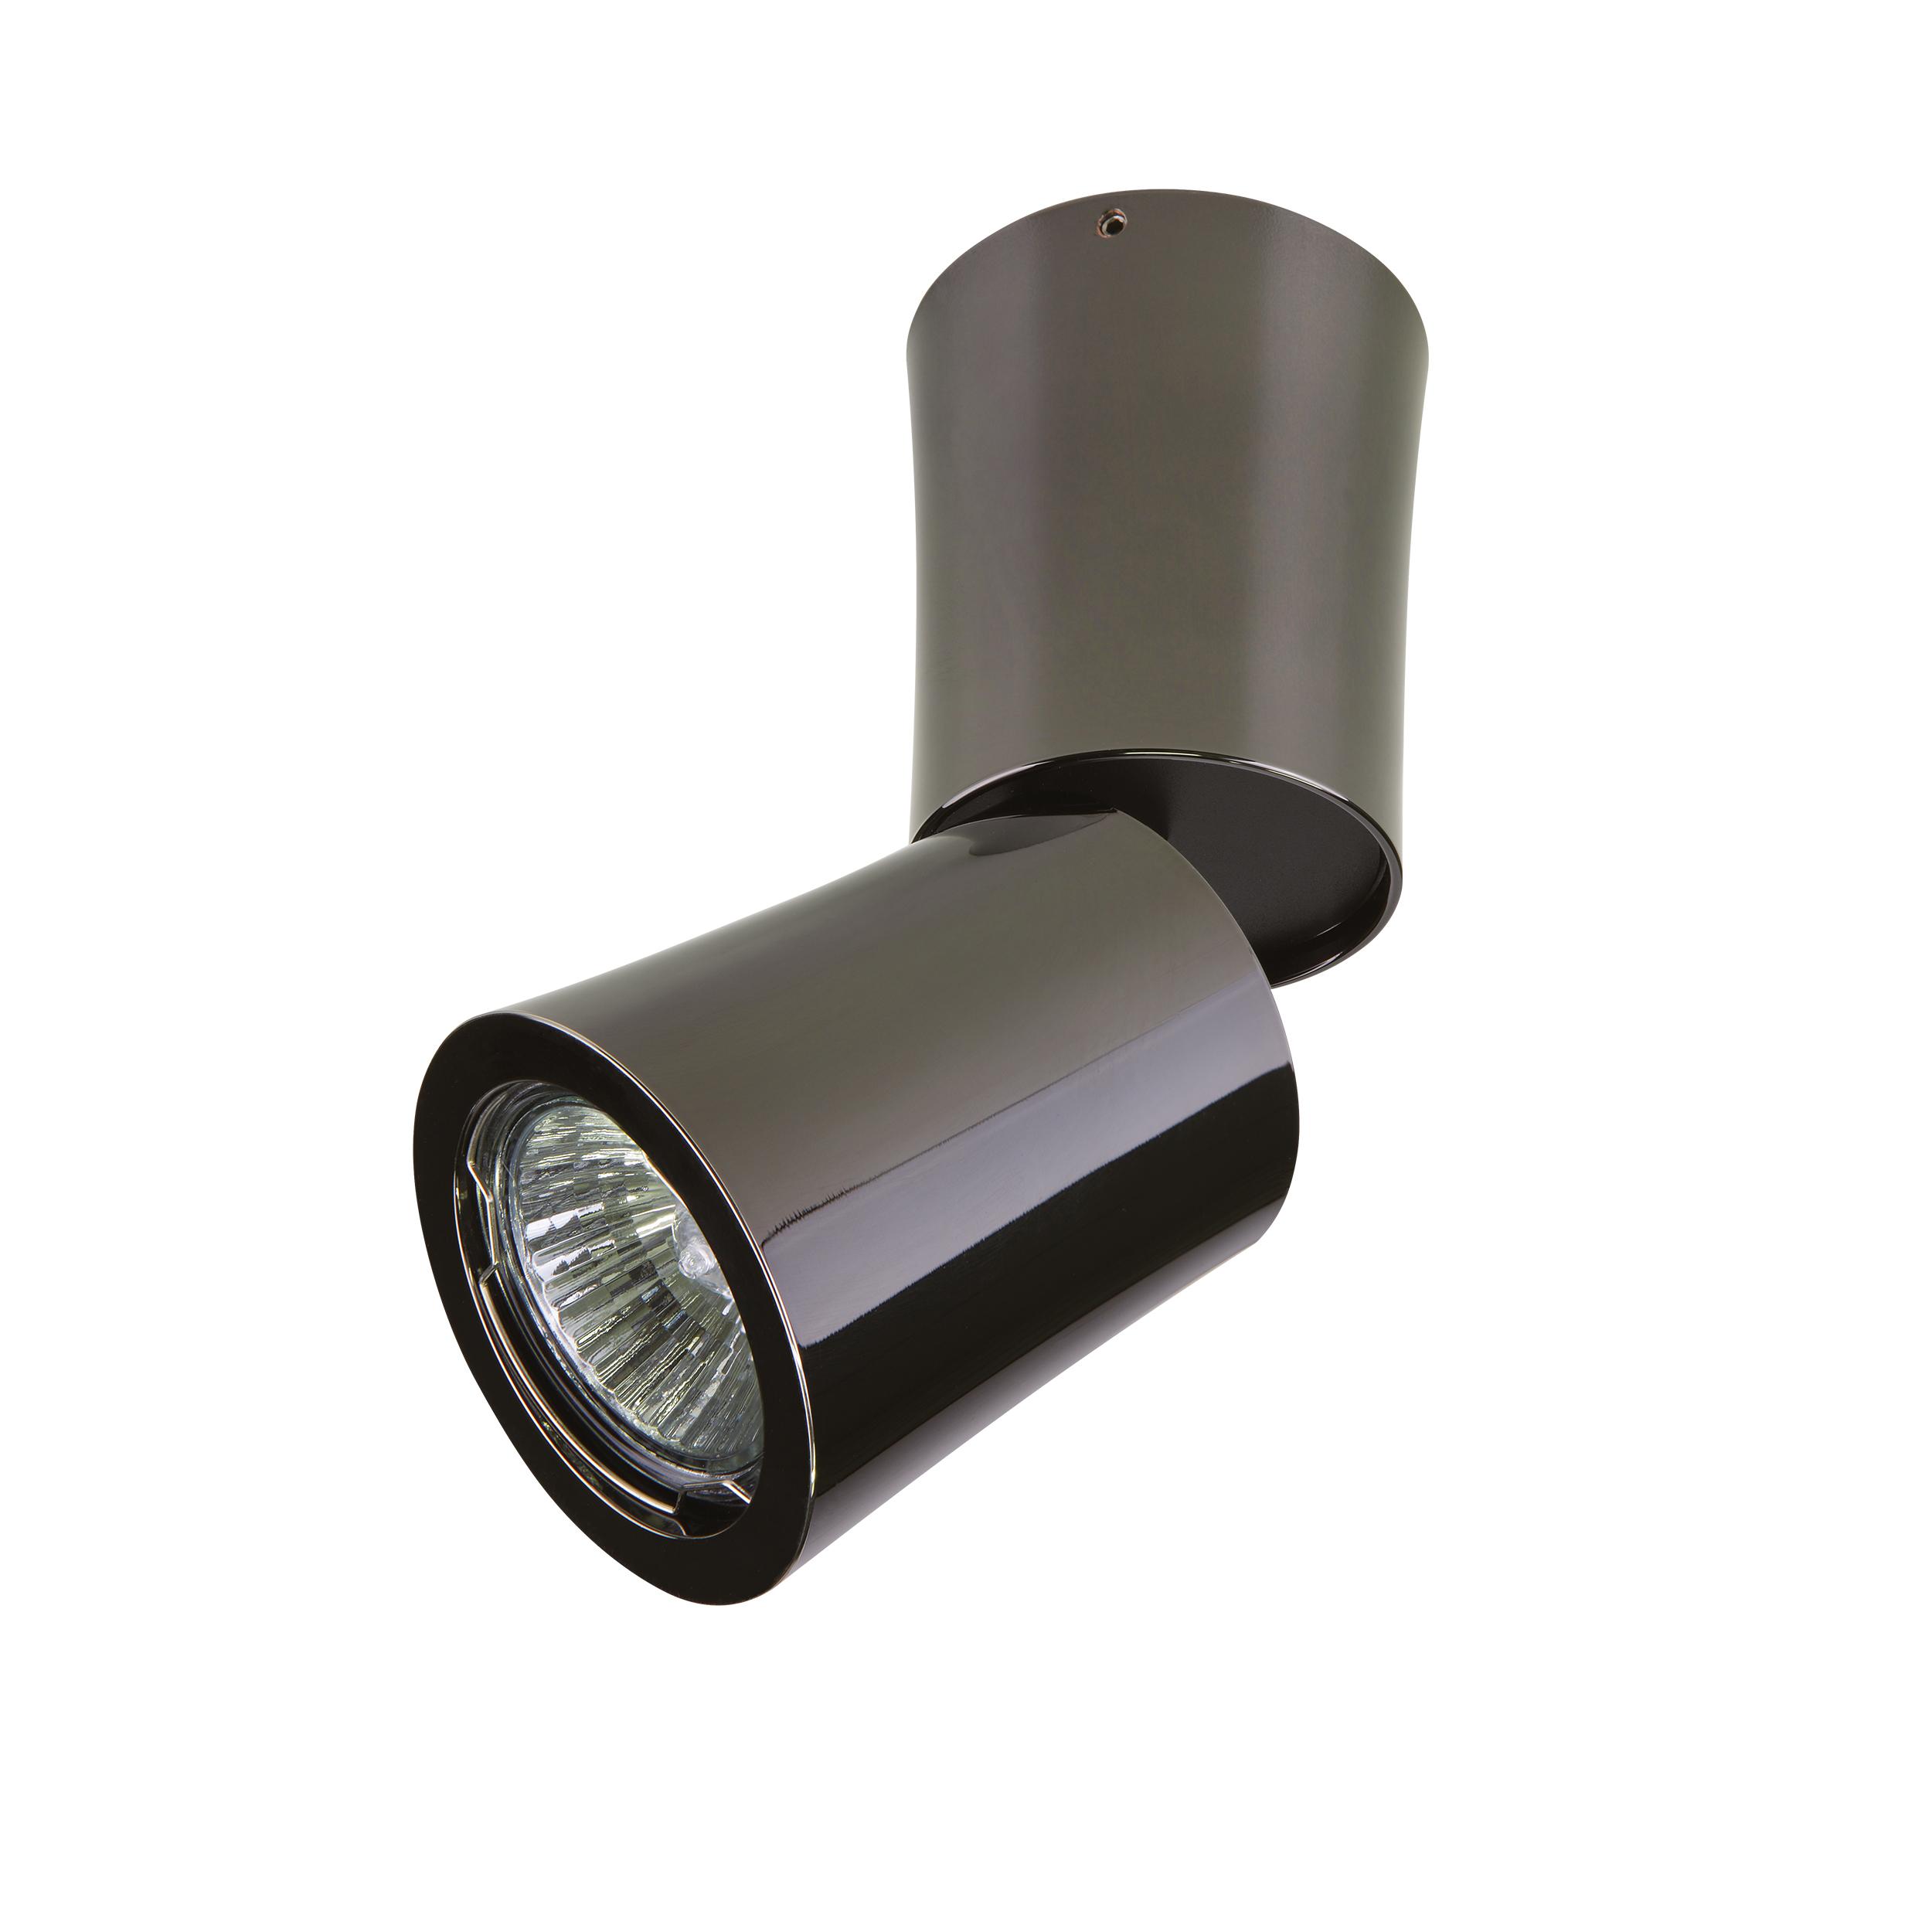 Потолочный светильник с регулировкой направления света Lightstar Rotonda 214458, 1xGU10x50W, черный хром, металл - фото 1